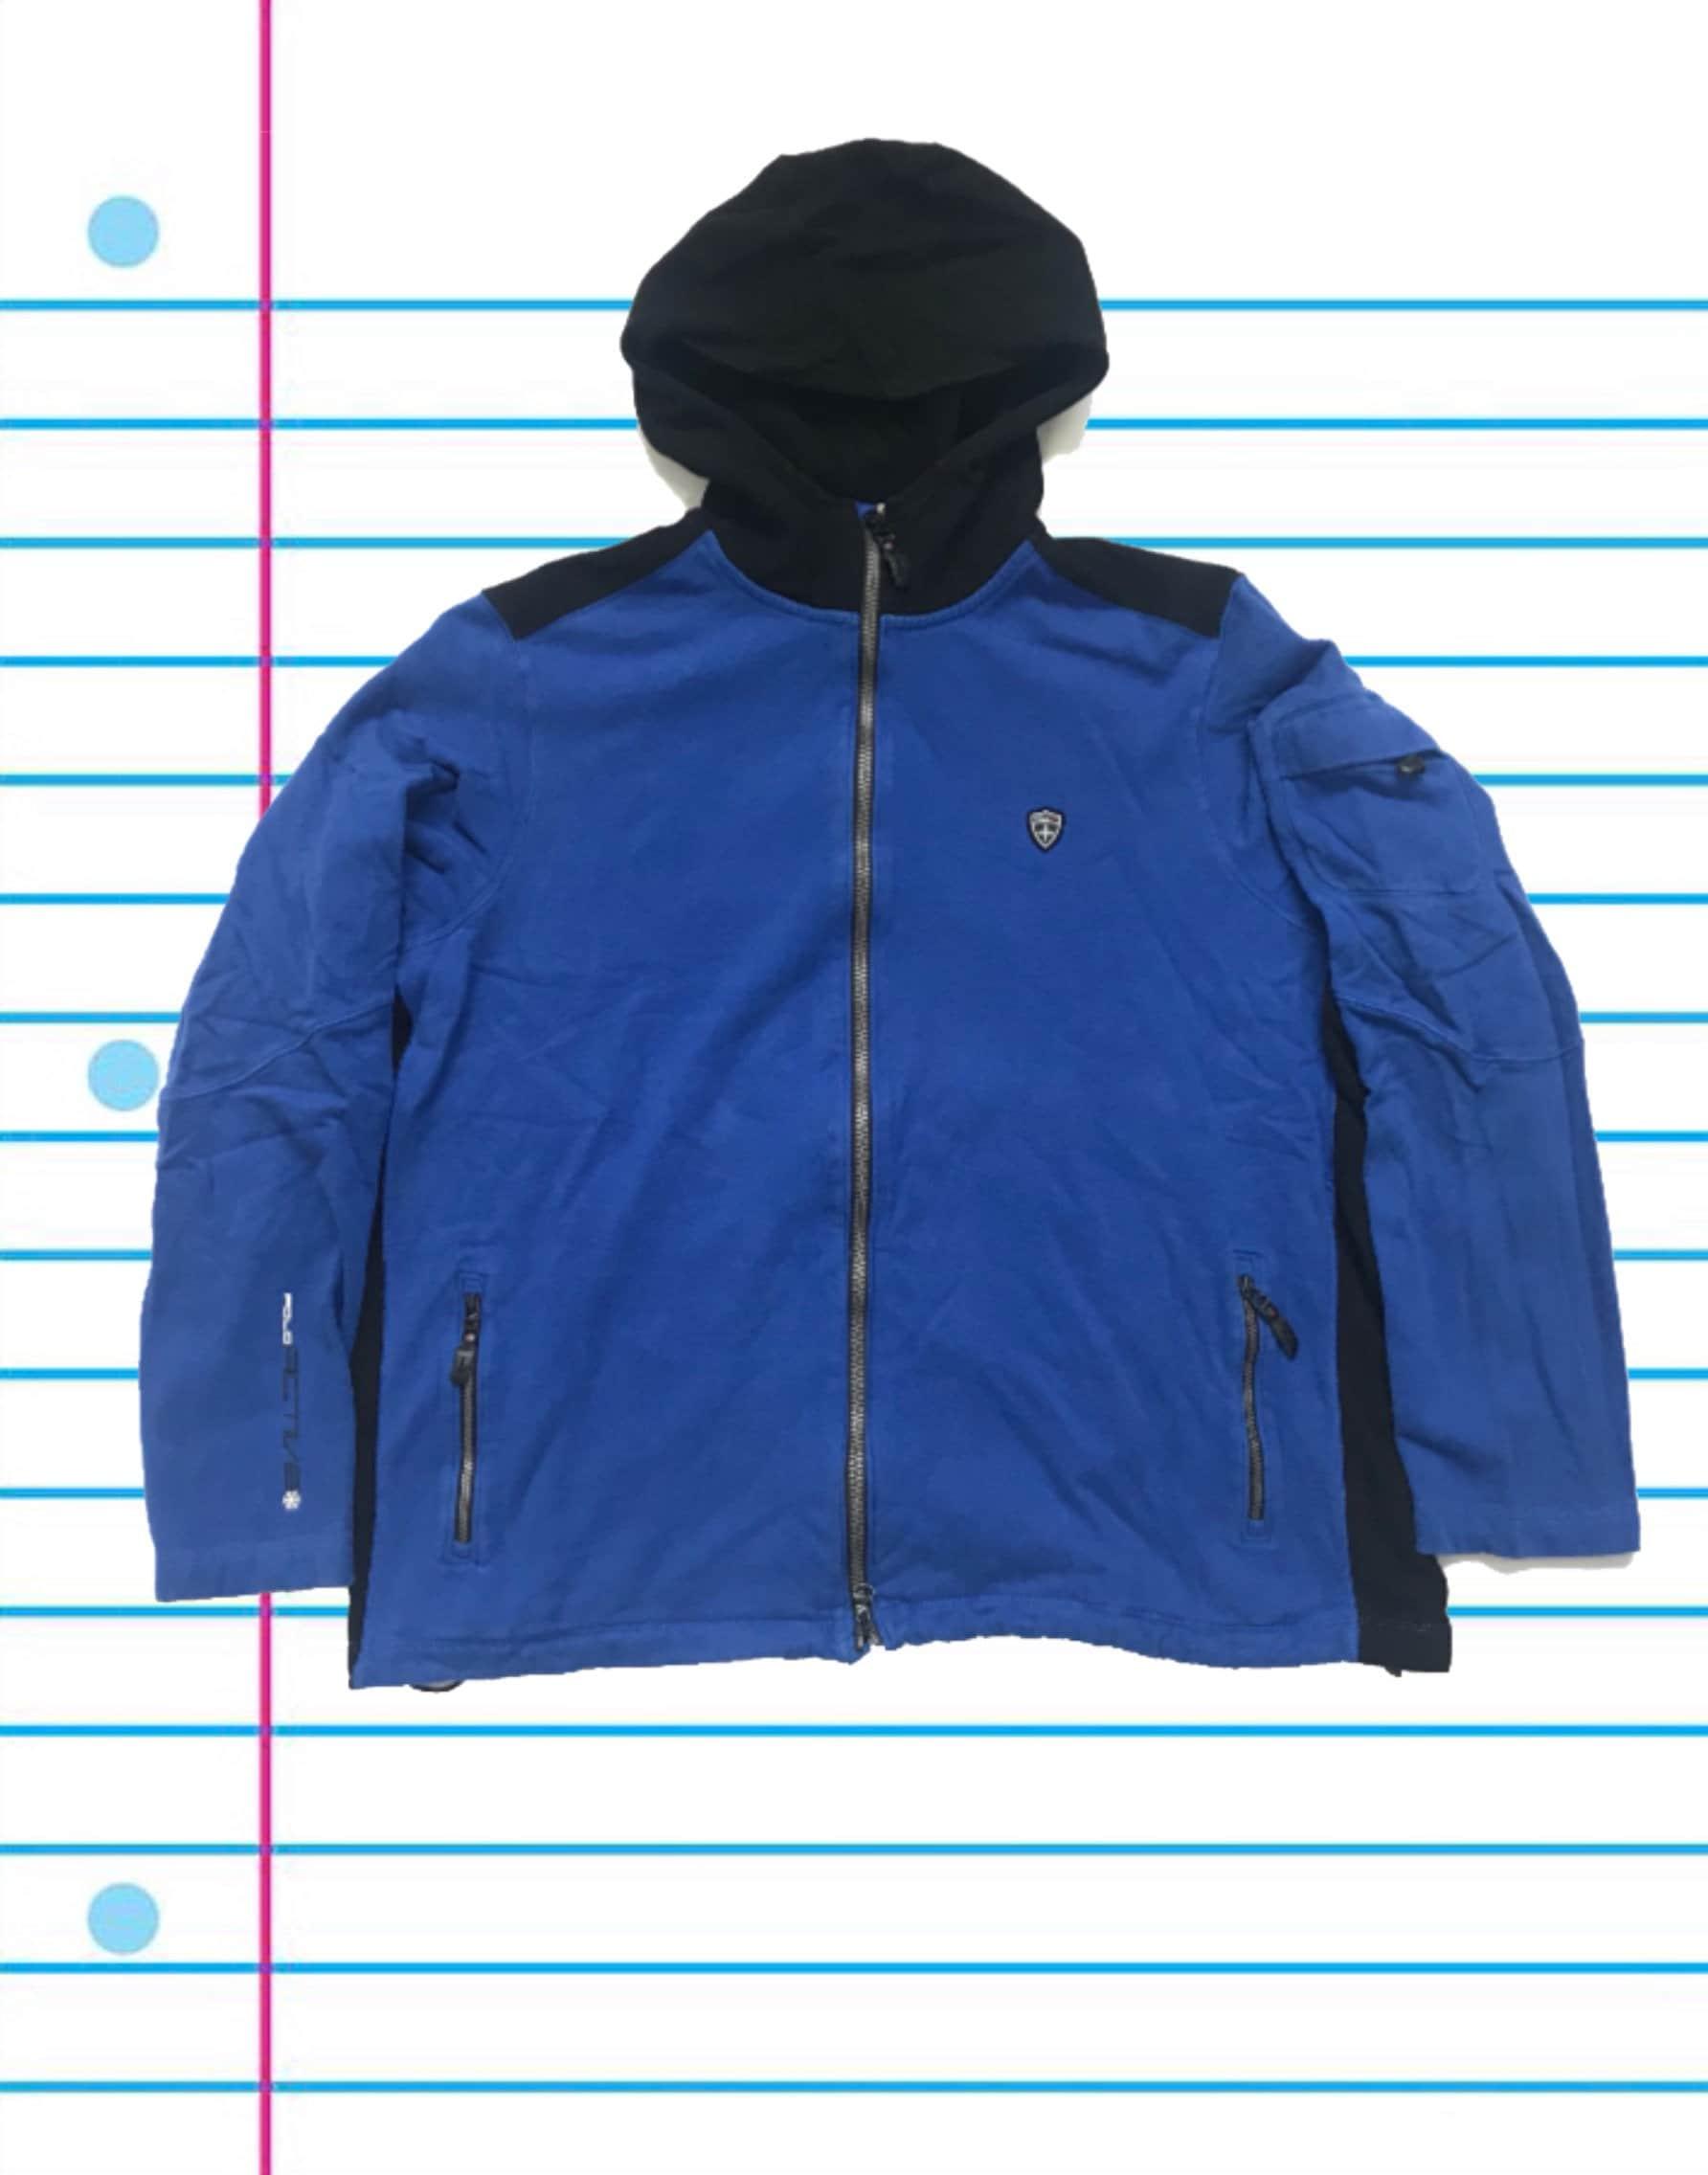 Vintage des années Blue 90 Polo RL Active Ralph Lauren Blue années Crest  Full Zip Hoodie c31f6431a2f7